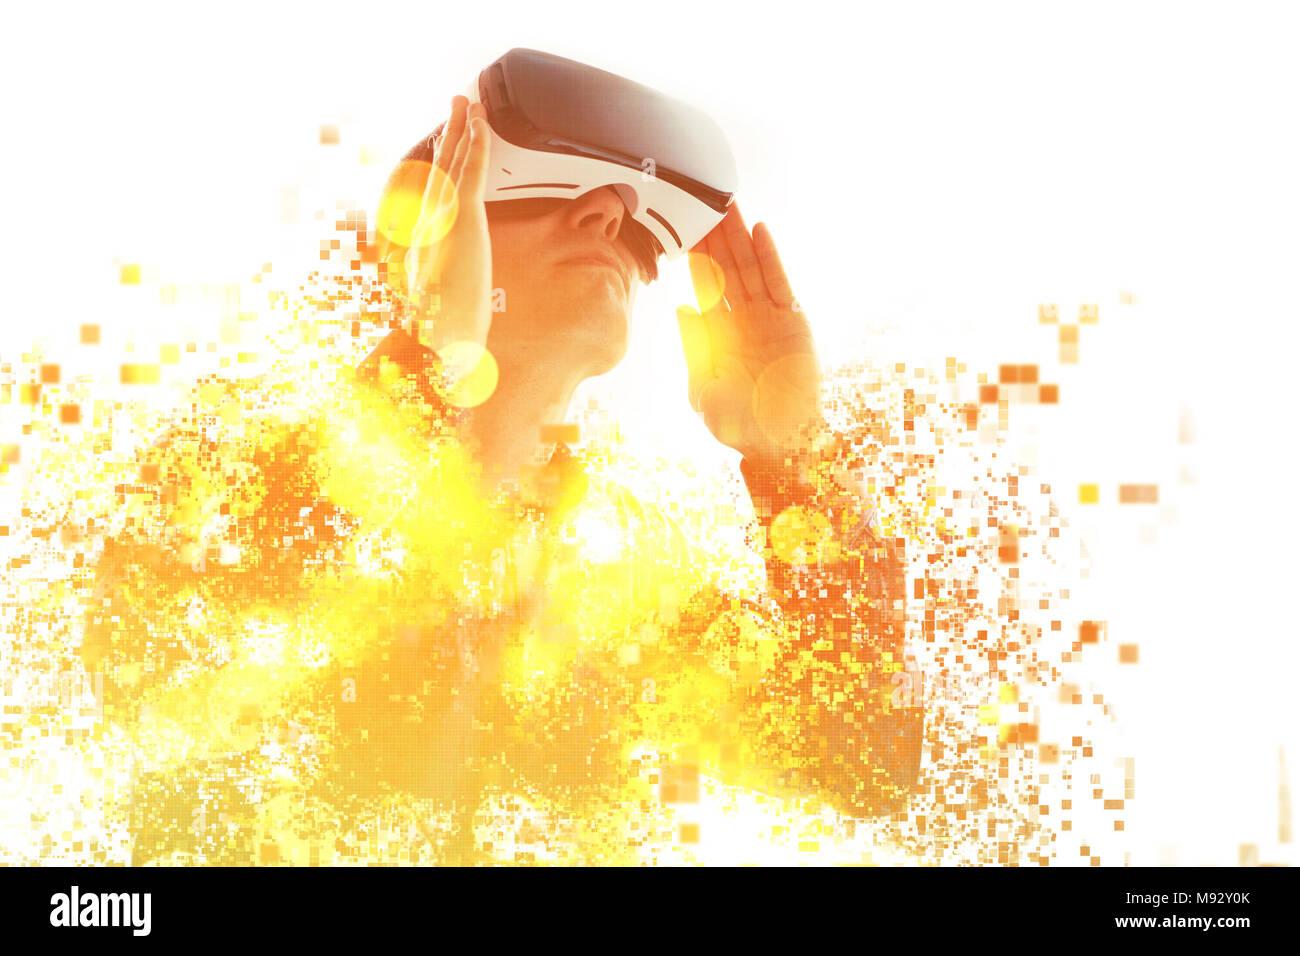 Eine Person in virtuellen Gläser fliegt in Pixel. Der Mann mit der Brille der Virtuellen Realität. Zukunft Technik Konzept. Moderne bildgebende Technik. Fragmentiert Stockbild